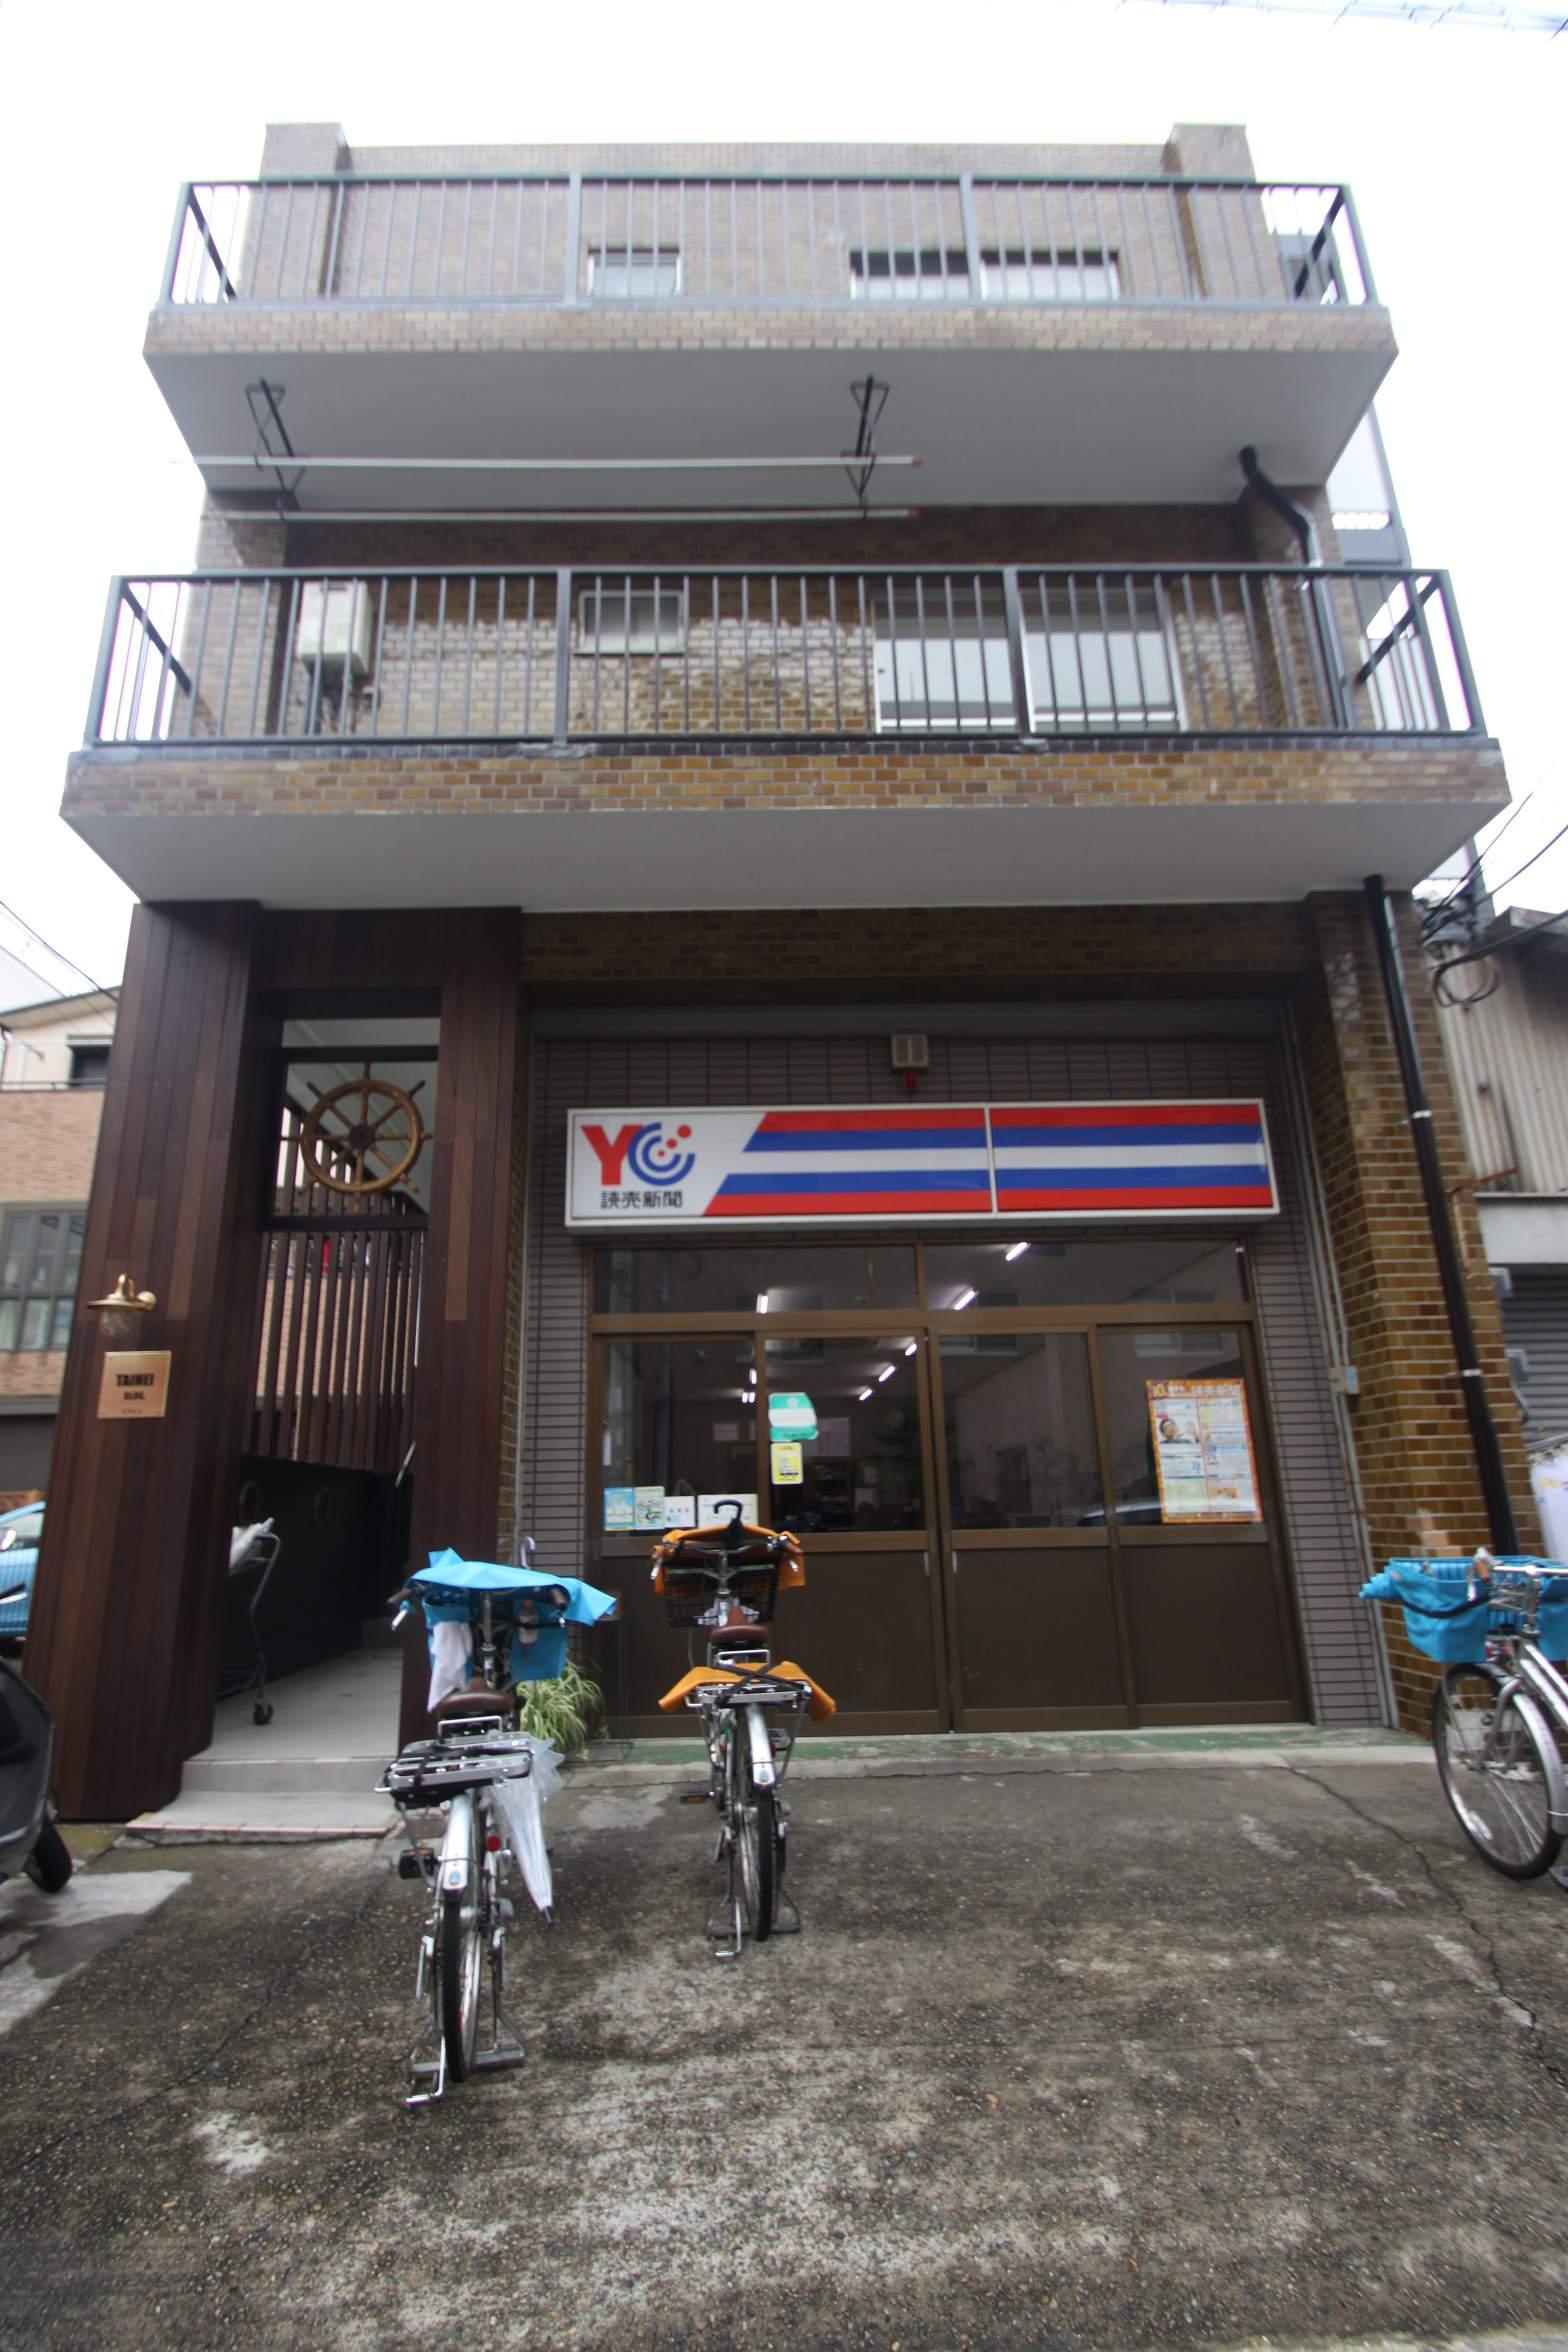 東京都江東区、門前仲町駅徒歩17分の築46年 3階建の賃貸マンション